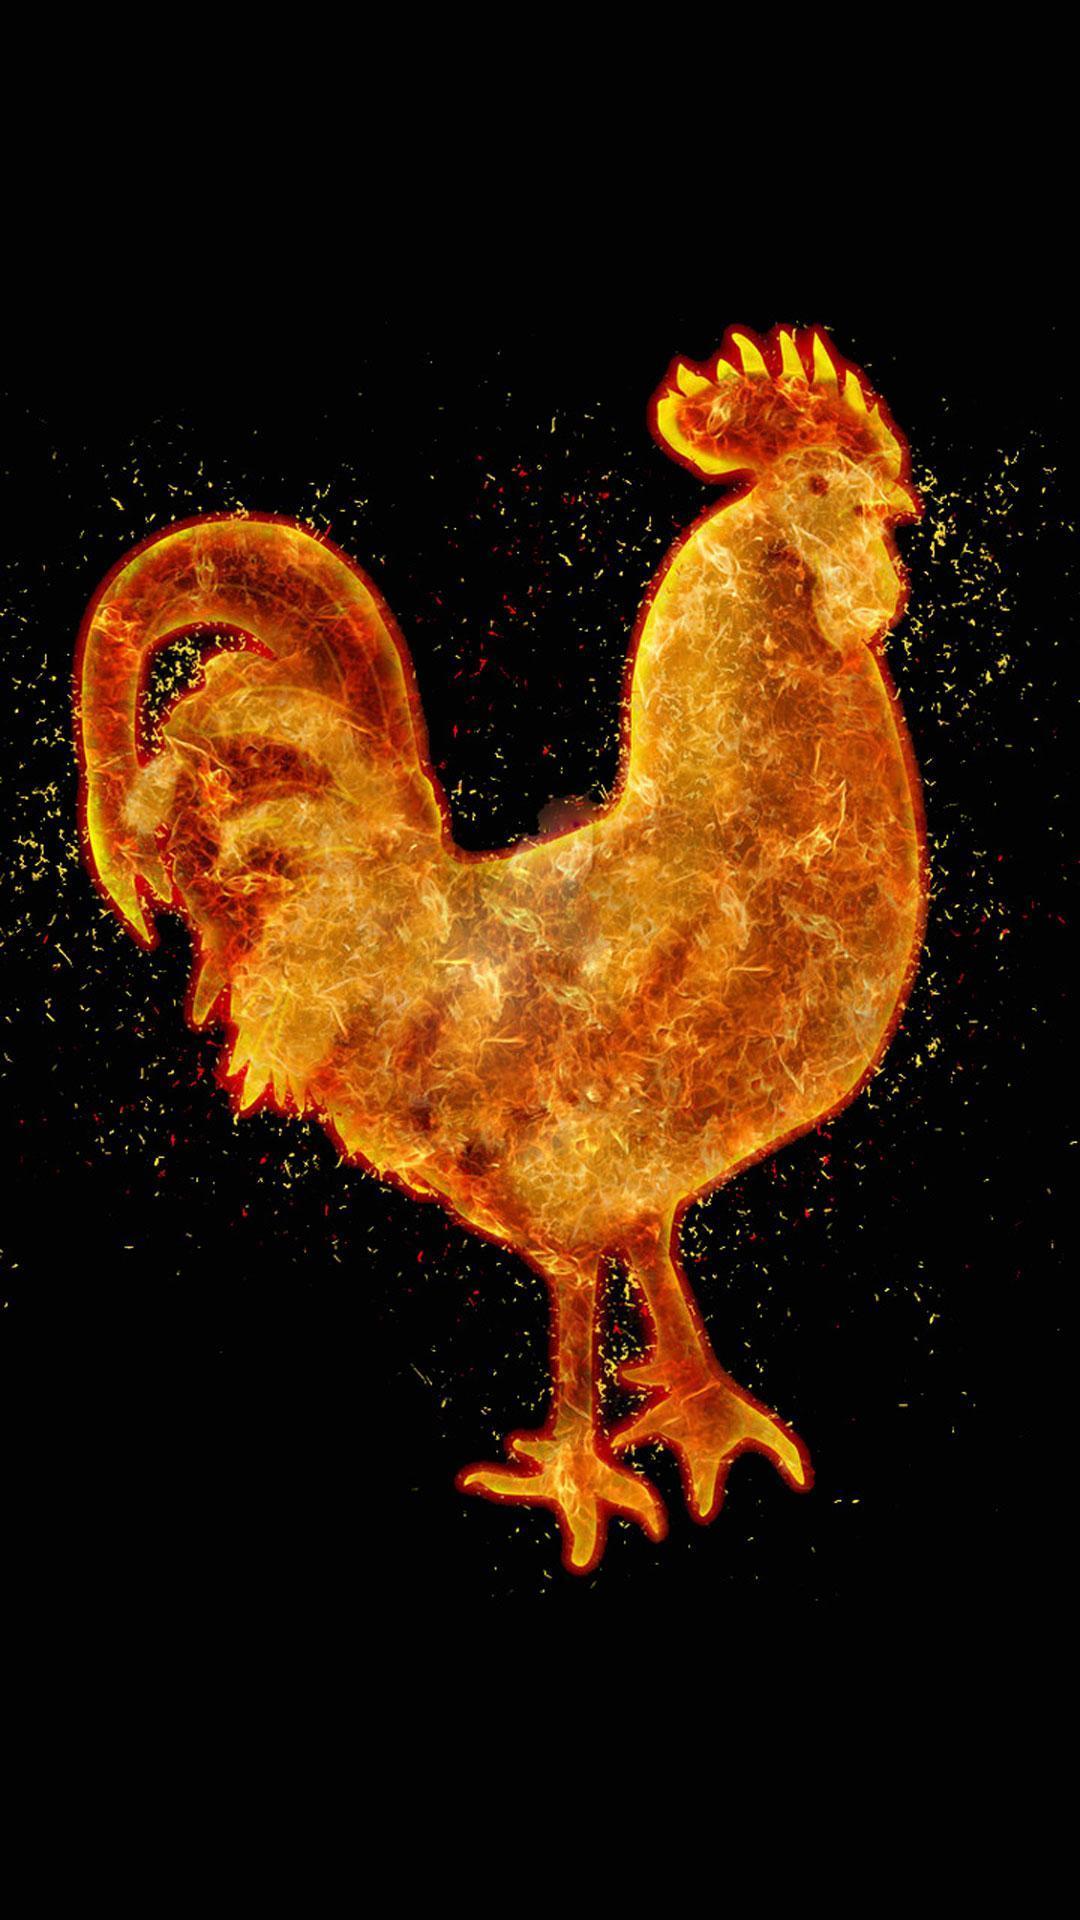 Ayam Jantan Wallpaper Animasi 🐓 Horoskop Gambar for Android - APK Download